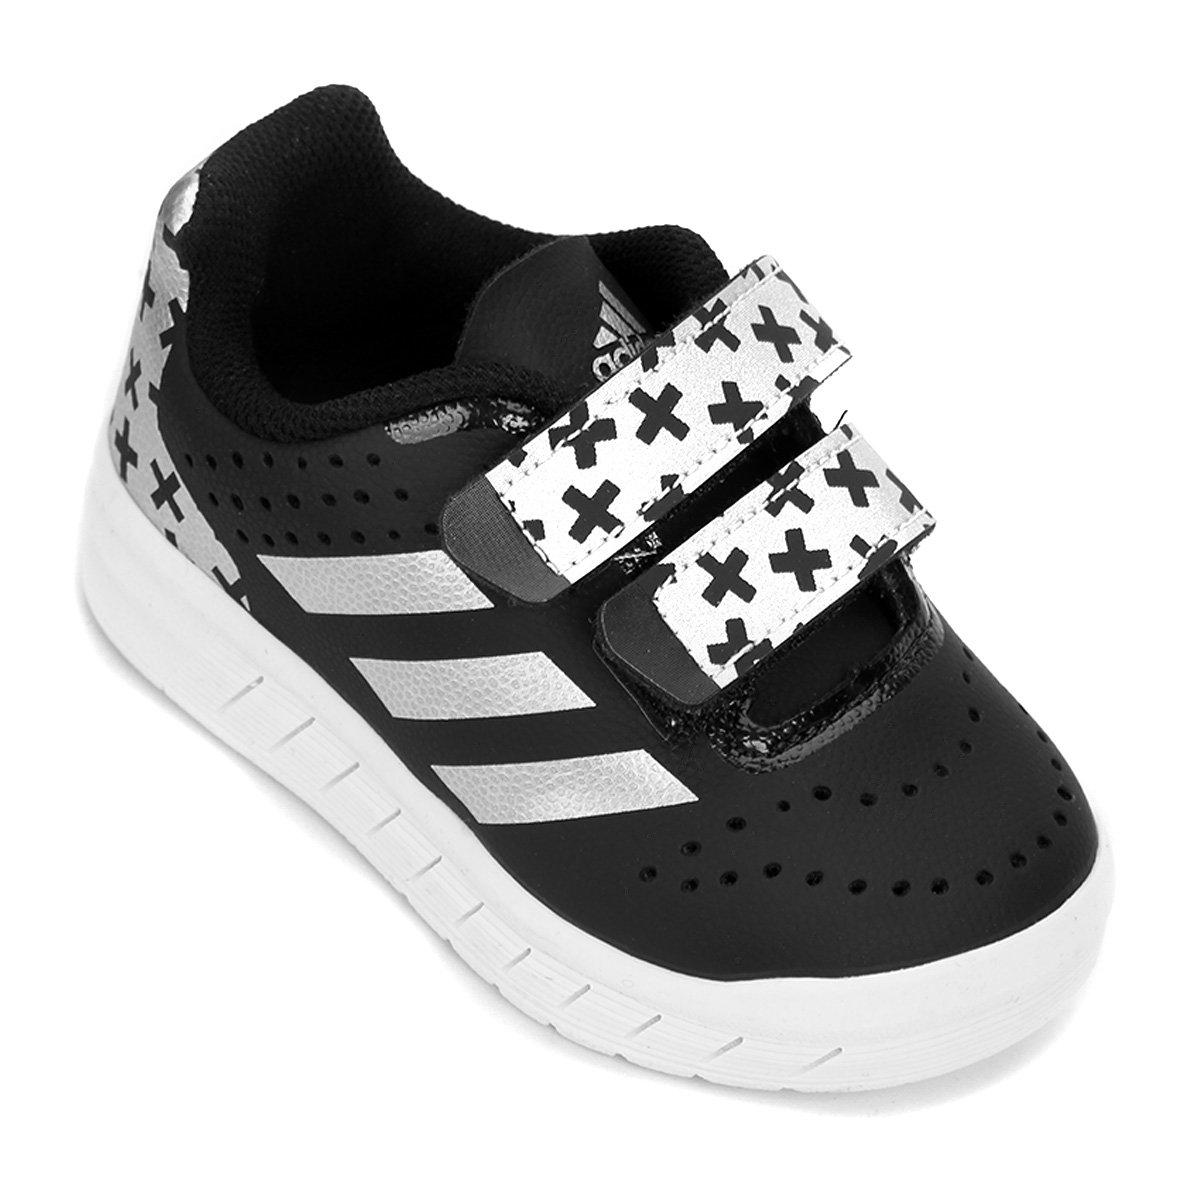 c5735718822 Tênis Infantil Adidas Quicksport Cf - Compre Agora